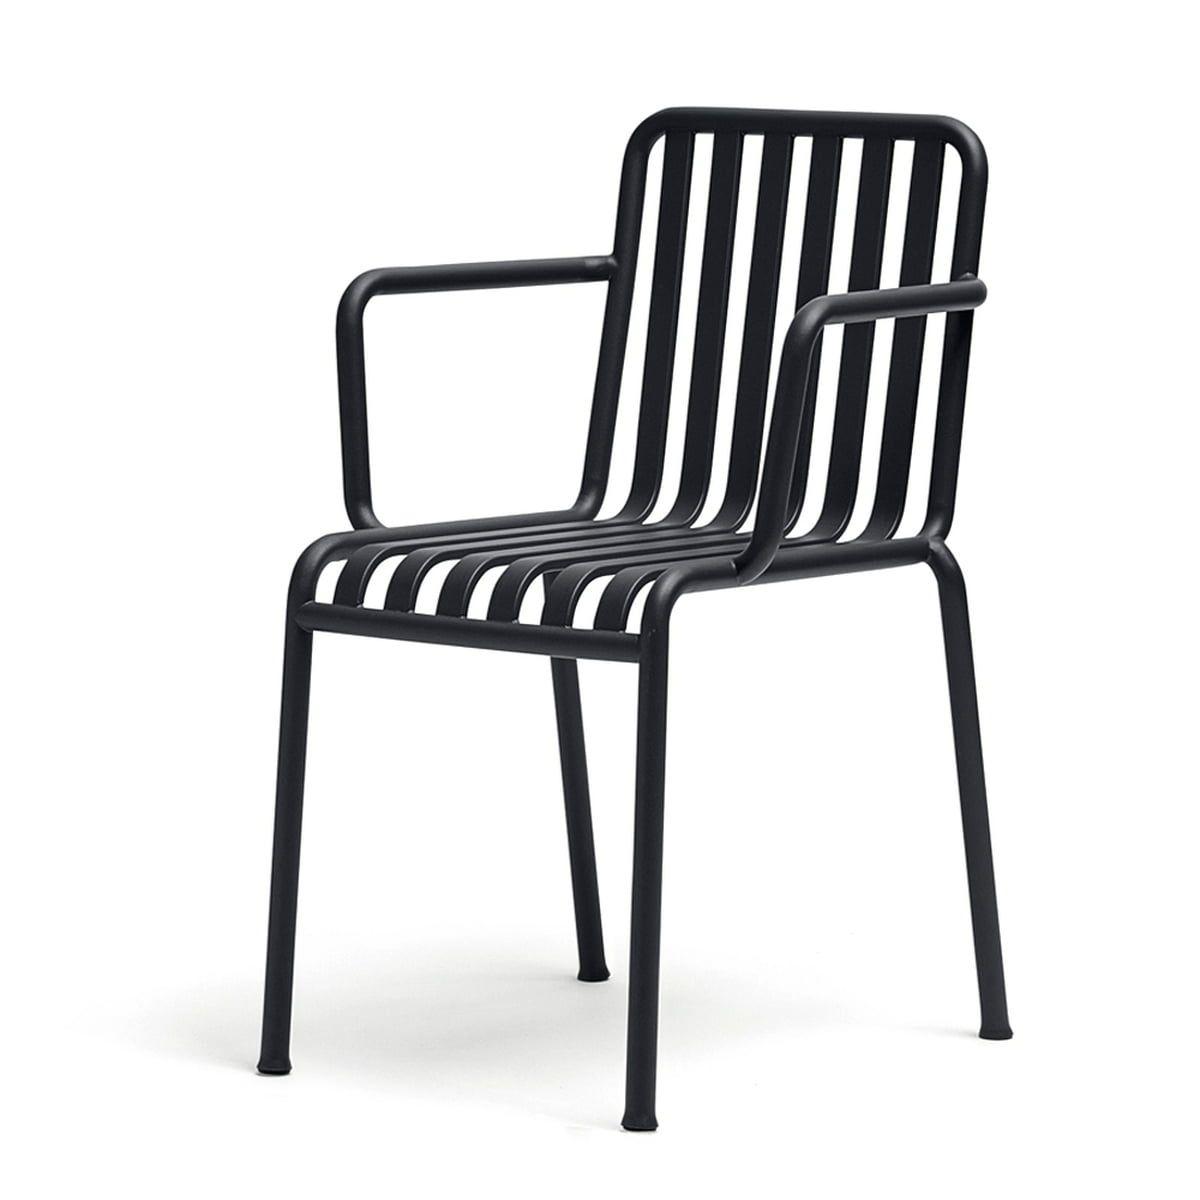 Hay Palissade Armlehnenstuhl Anthrazit In 2020 Aussenmobel Stuhle Und Einrichtungstipps